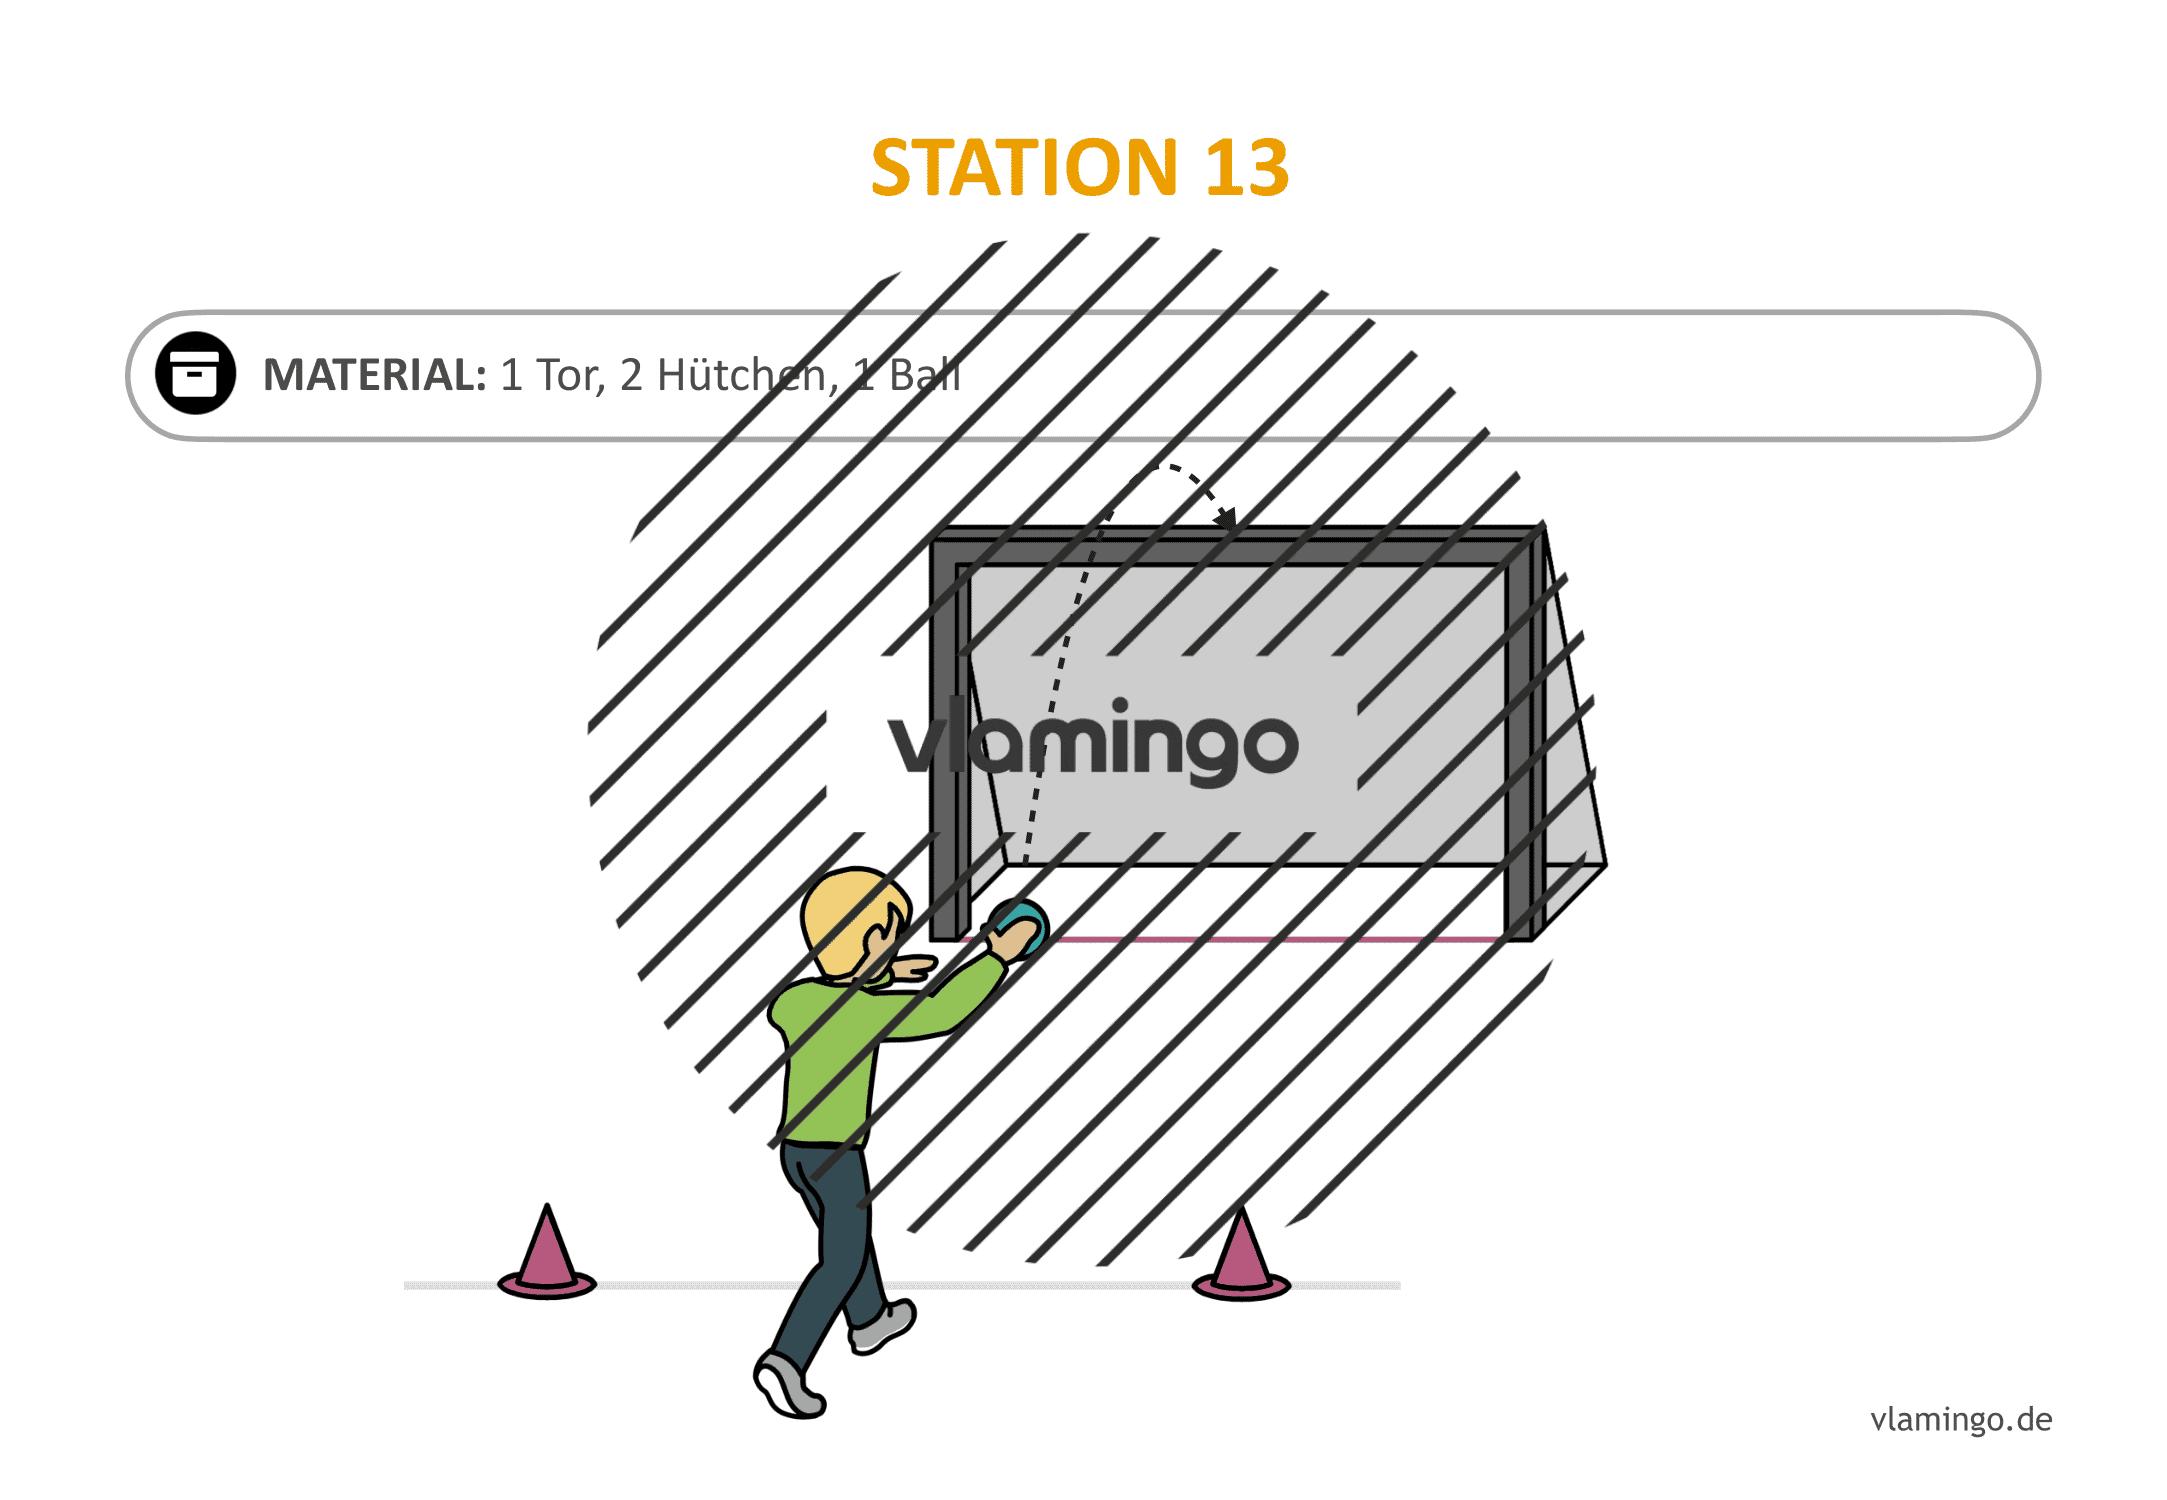 Handballgolf - Station-13